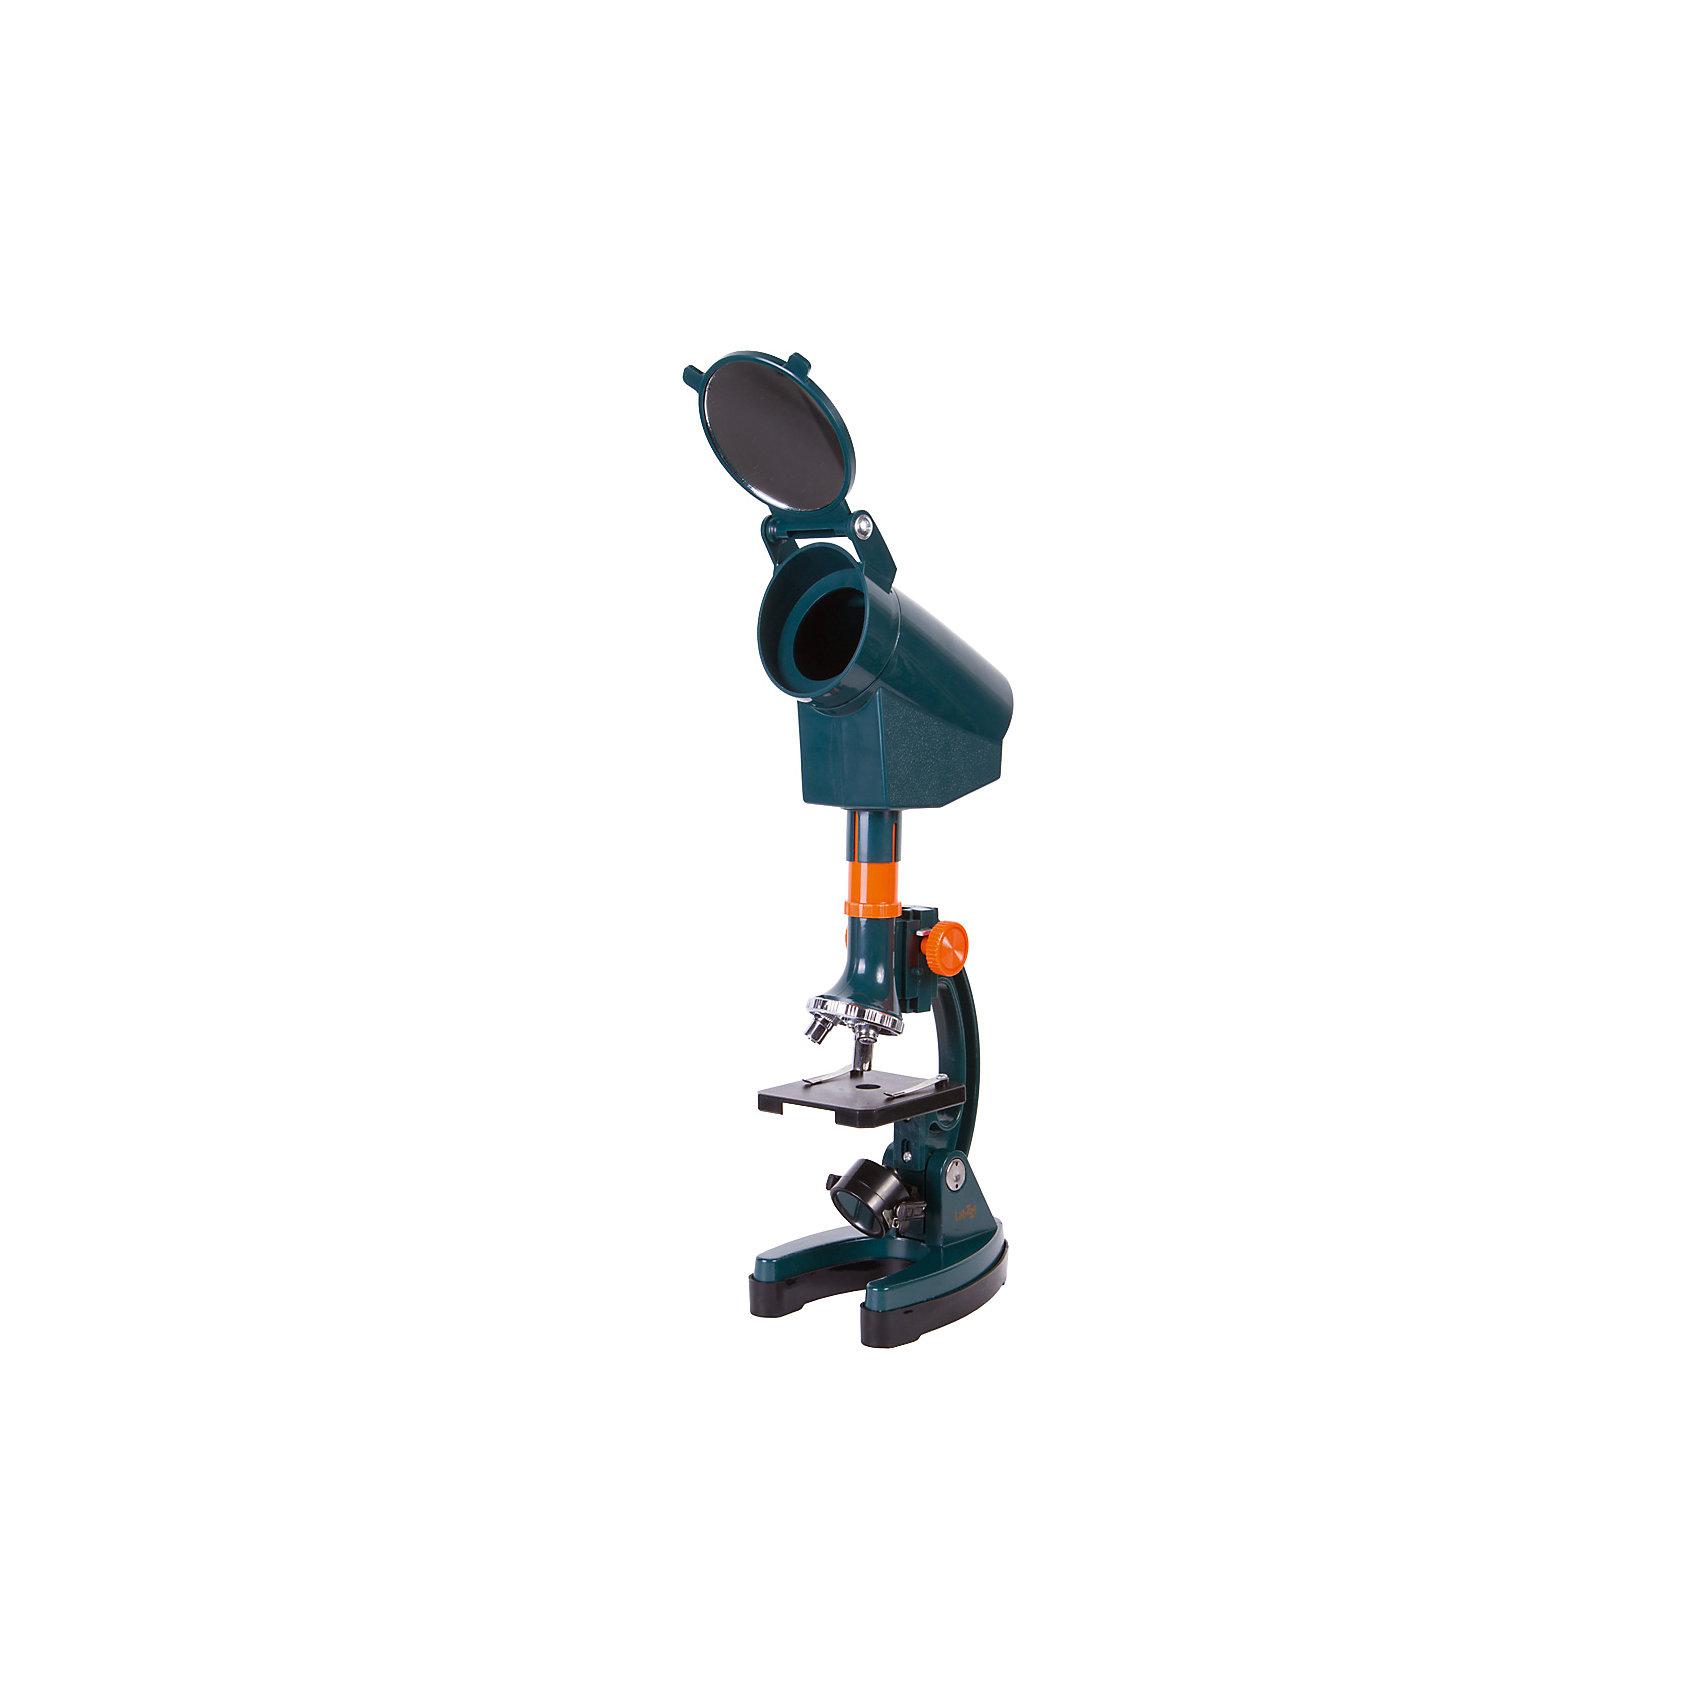 Микроскоп Levenhuk LabZZ M3Микроскопы<br>Характеристики товара:<br><br>• тип: световые/оптические, биологические<br>• материал: металл, пластик<br>• увеличение: до 1200 крат<br>• объективы: 30х, 60х, 120х<br>• подсветка: нижняя<br>• прочный металлический корпус<br>• комплектация: микроскоп, 100 аксессуаров (окулярный проектор, набор для опытов, сумка)<br>• подсветка работает от батареек 2хАА<br>• страна бренда: США<br>• страна производства: КНР<br><br>Собственный микроскоп - это отличный способ заинтересовать ребенка наукой и привить ему интерес к учебе. Эта модель микроскопа была разработана специально для детей - он позволяет увеличивать препарат в 800 крат, с помощью этого дети могут исследовать состав и структуру разнообразных предметов, веществ и организмов. Благодаря стильному дизайну этот микроскоп отлично вписывается в интерьер!<br><br>Оптические приборы от американской компании Levenhuk уже успели зарекомендовать себя как качественная и надежная продукция. Для их производства используются только безопасные и проверенные материалы. Такой прибор способен прослужить долго. Подарите ребенку интересную и полезную вещь!<br><br>Микроскоп Levenhuk LabZZ M3 от известного бренда Levenhuk (Левенгук) можно купить в нашем интернет-магазине.<br><br>Ширина мм: 100<br>Глубина мм: 595<br>Высота мм: 385<br>Вес г: 2220<br>Возраст от месяцев: 60<br>Возраст до месяцев: 2147483647<br>Пол: Унисекс<br>Возраст: Детский<br>SKU: 5435291